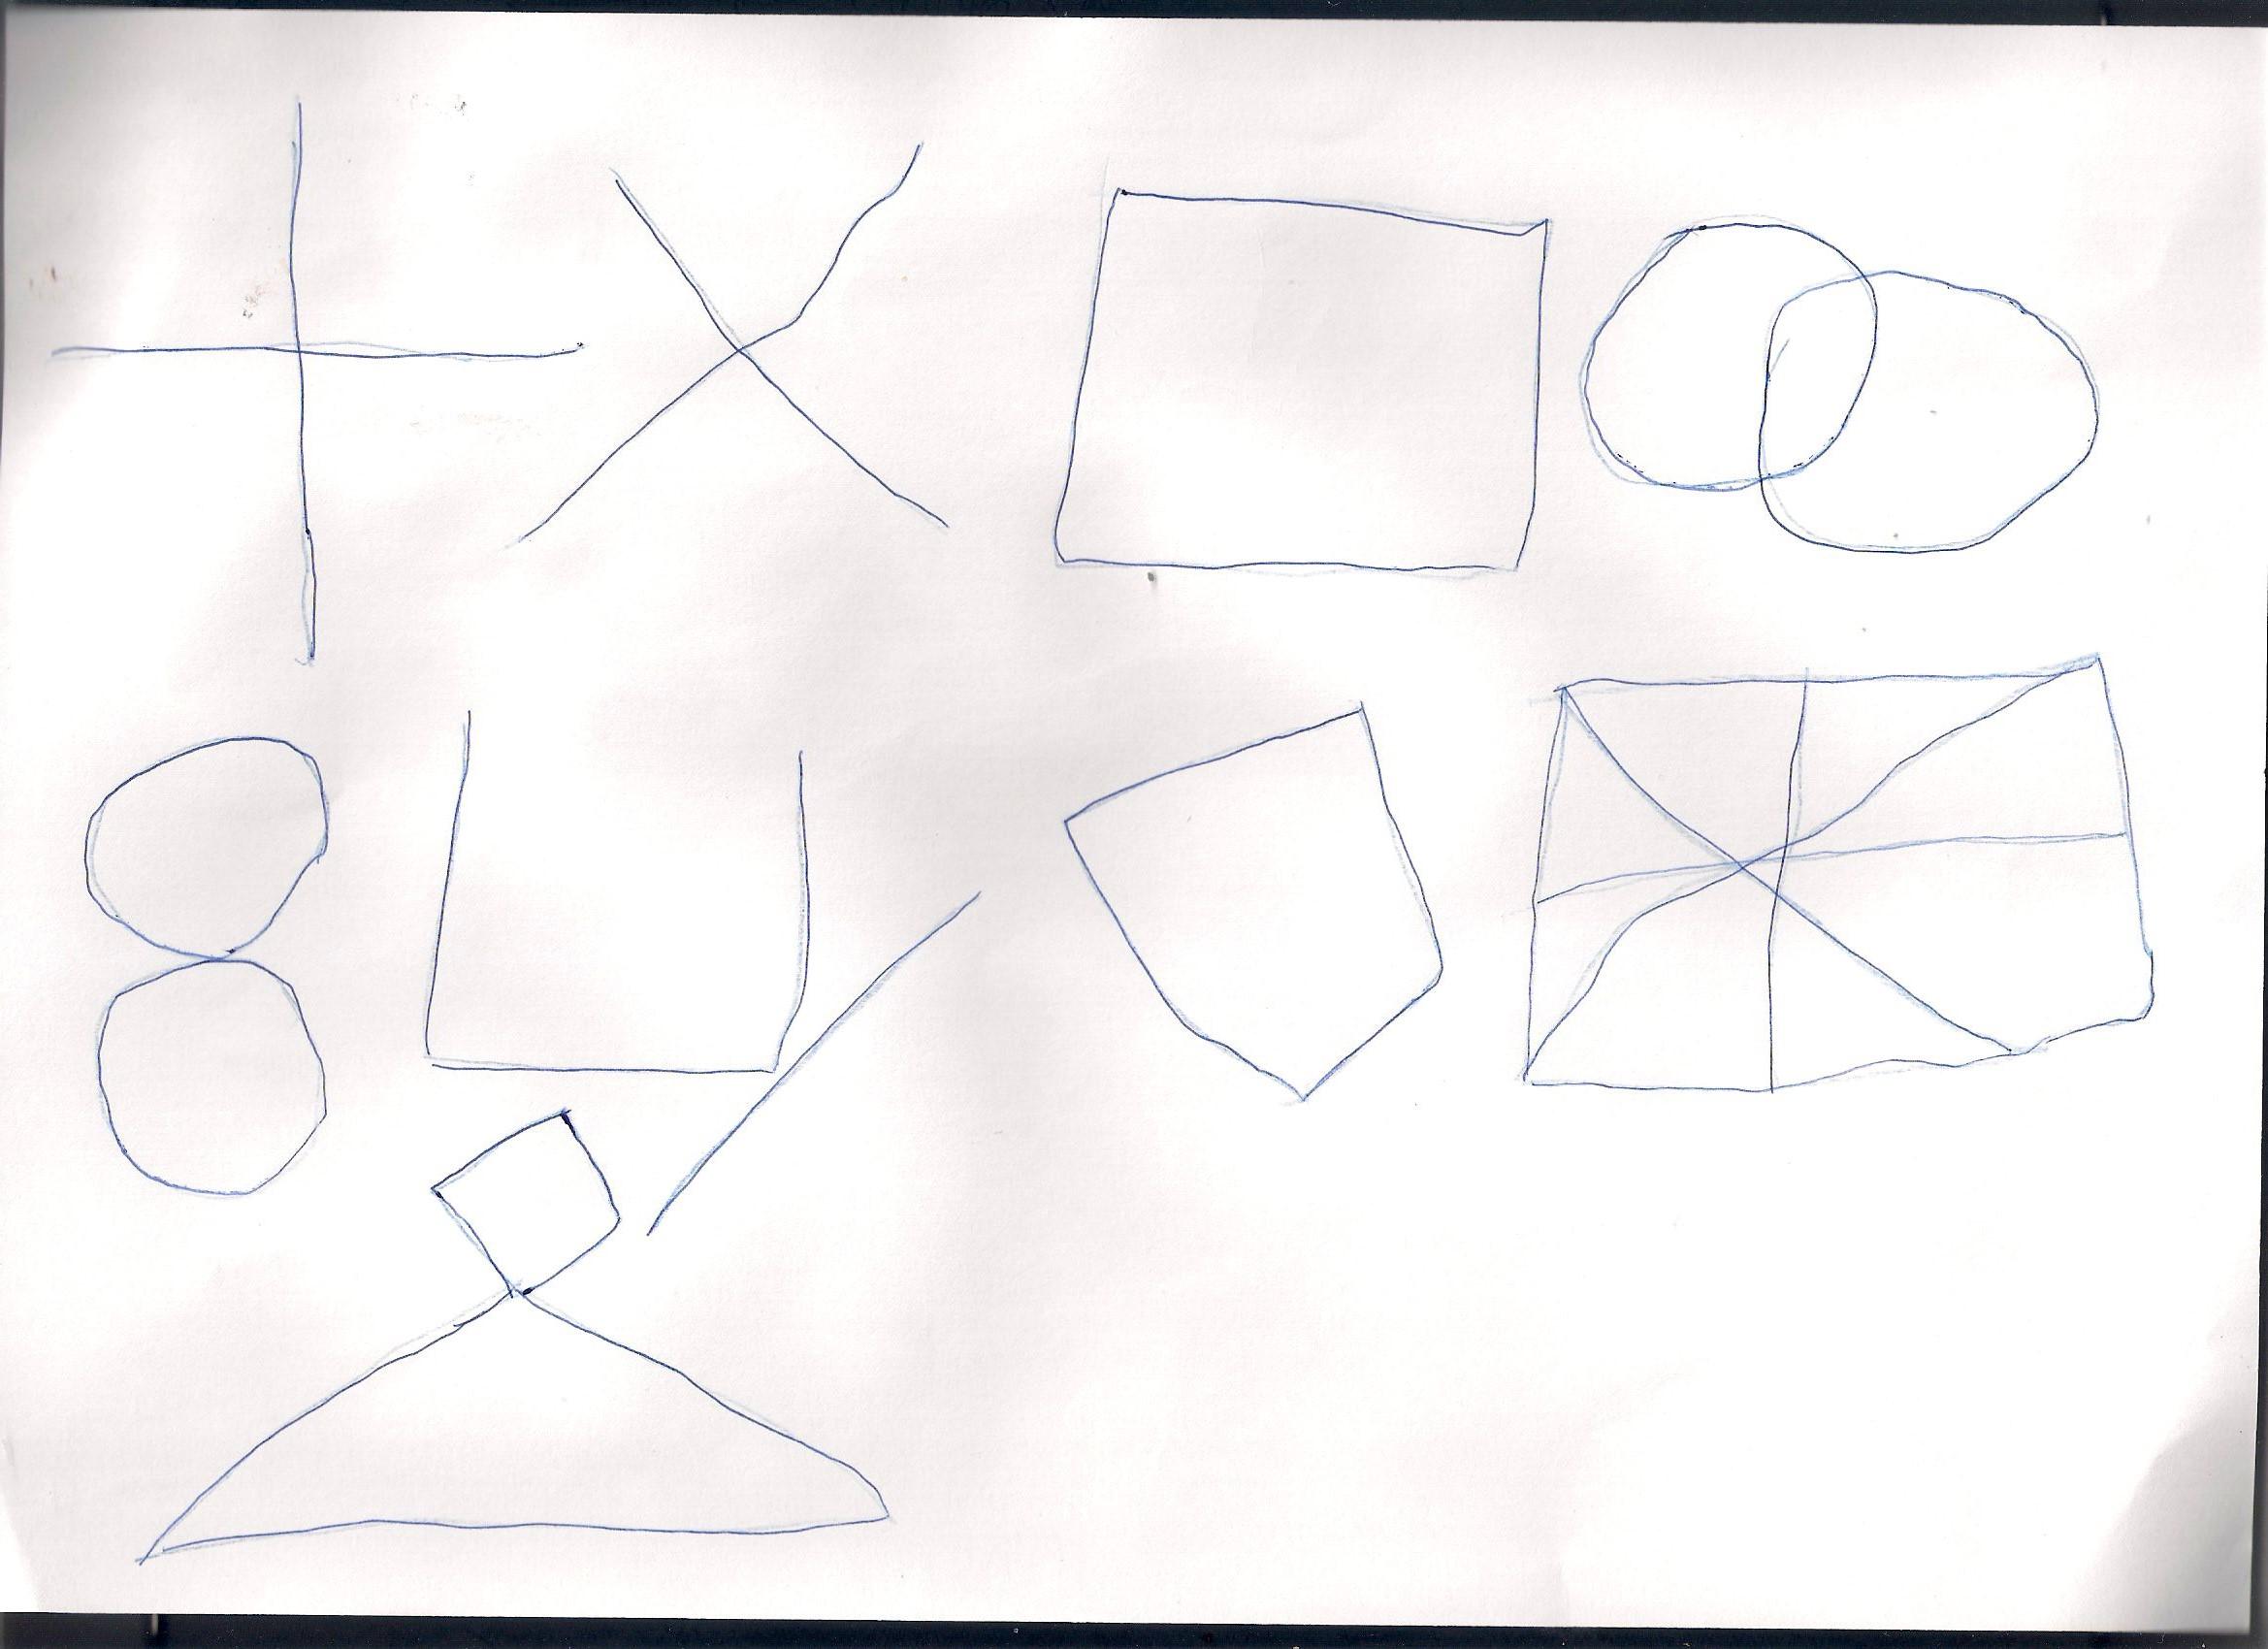 vizuális alkalmasság a)